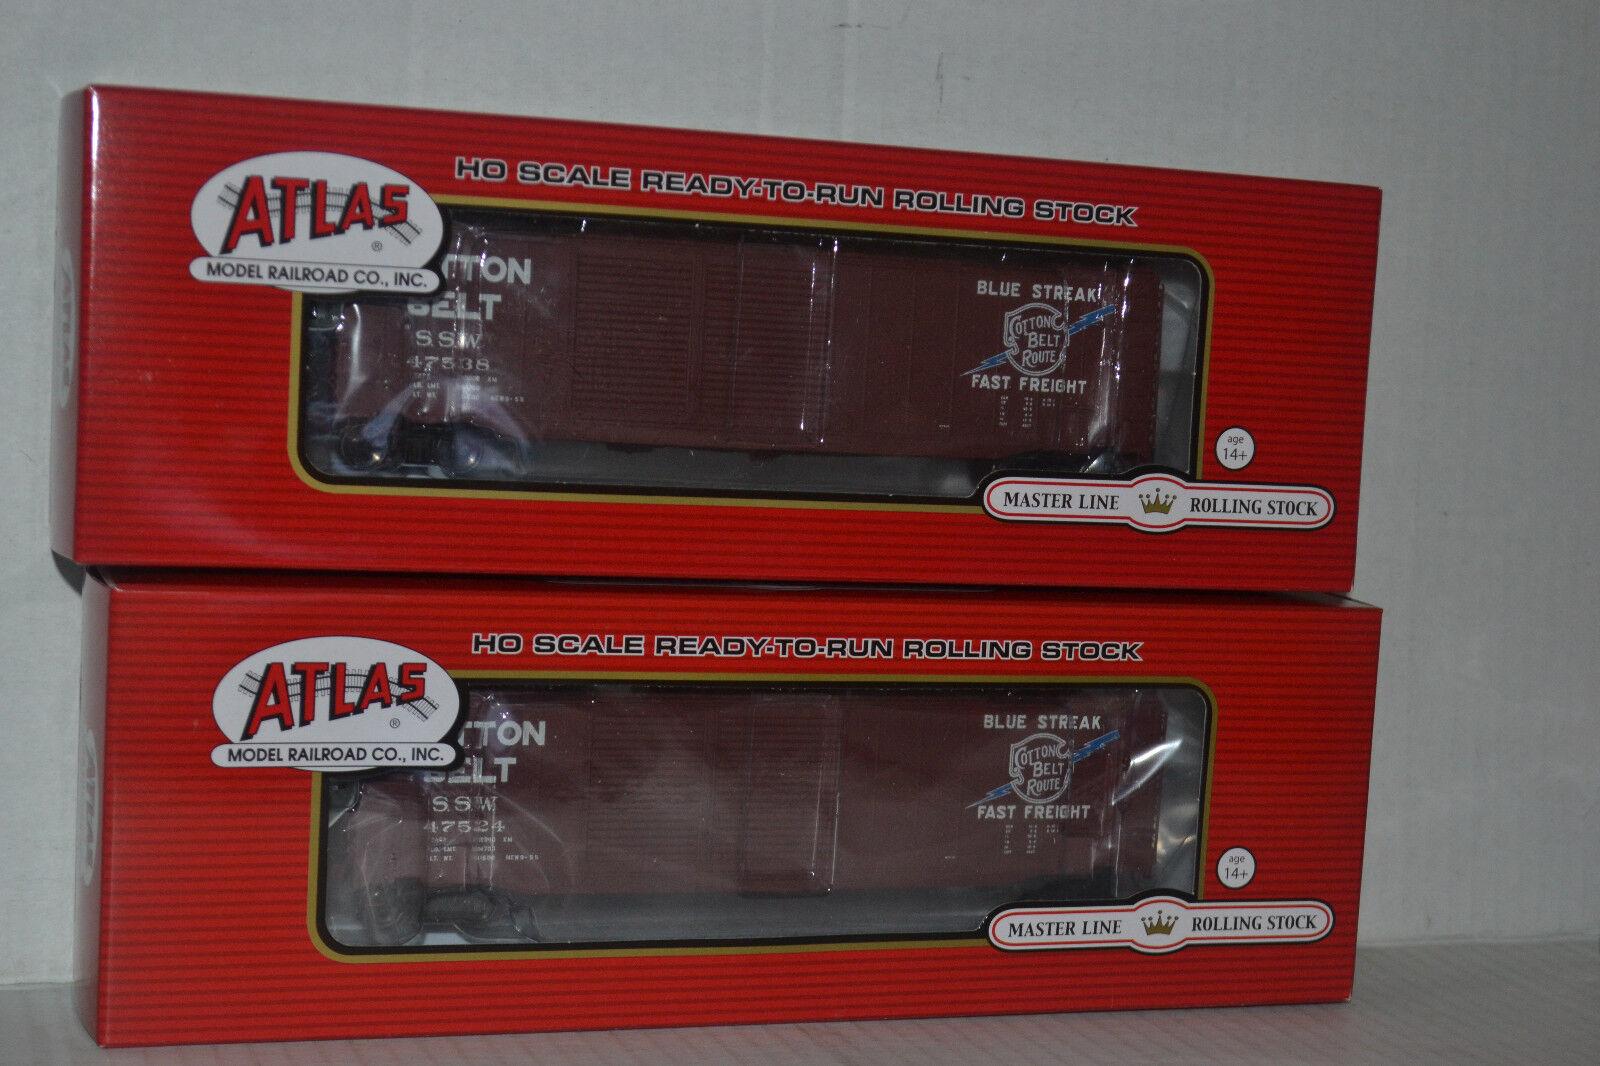 Cinturón de algodón 2 Atlas 50' Doble Puerta Boxcar Escala Ho 20002503, 20002504